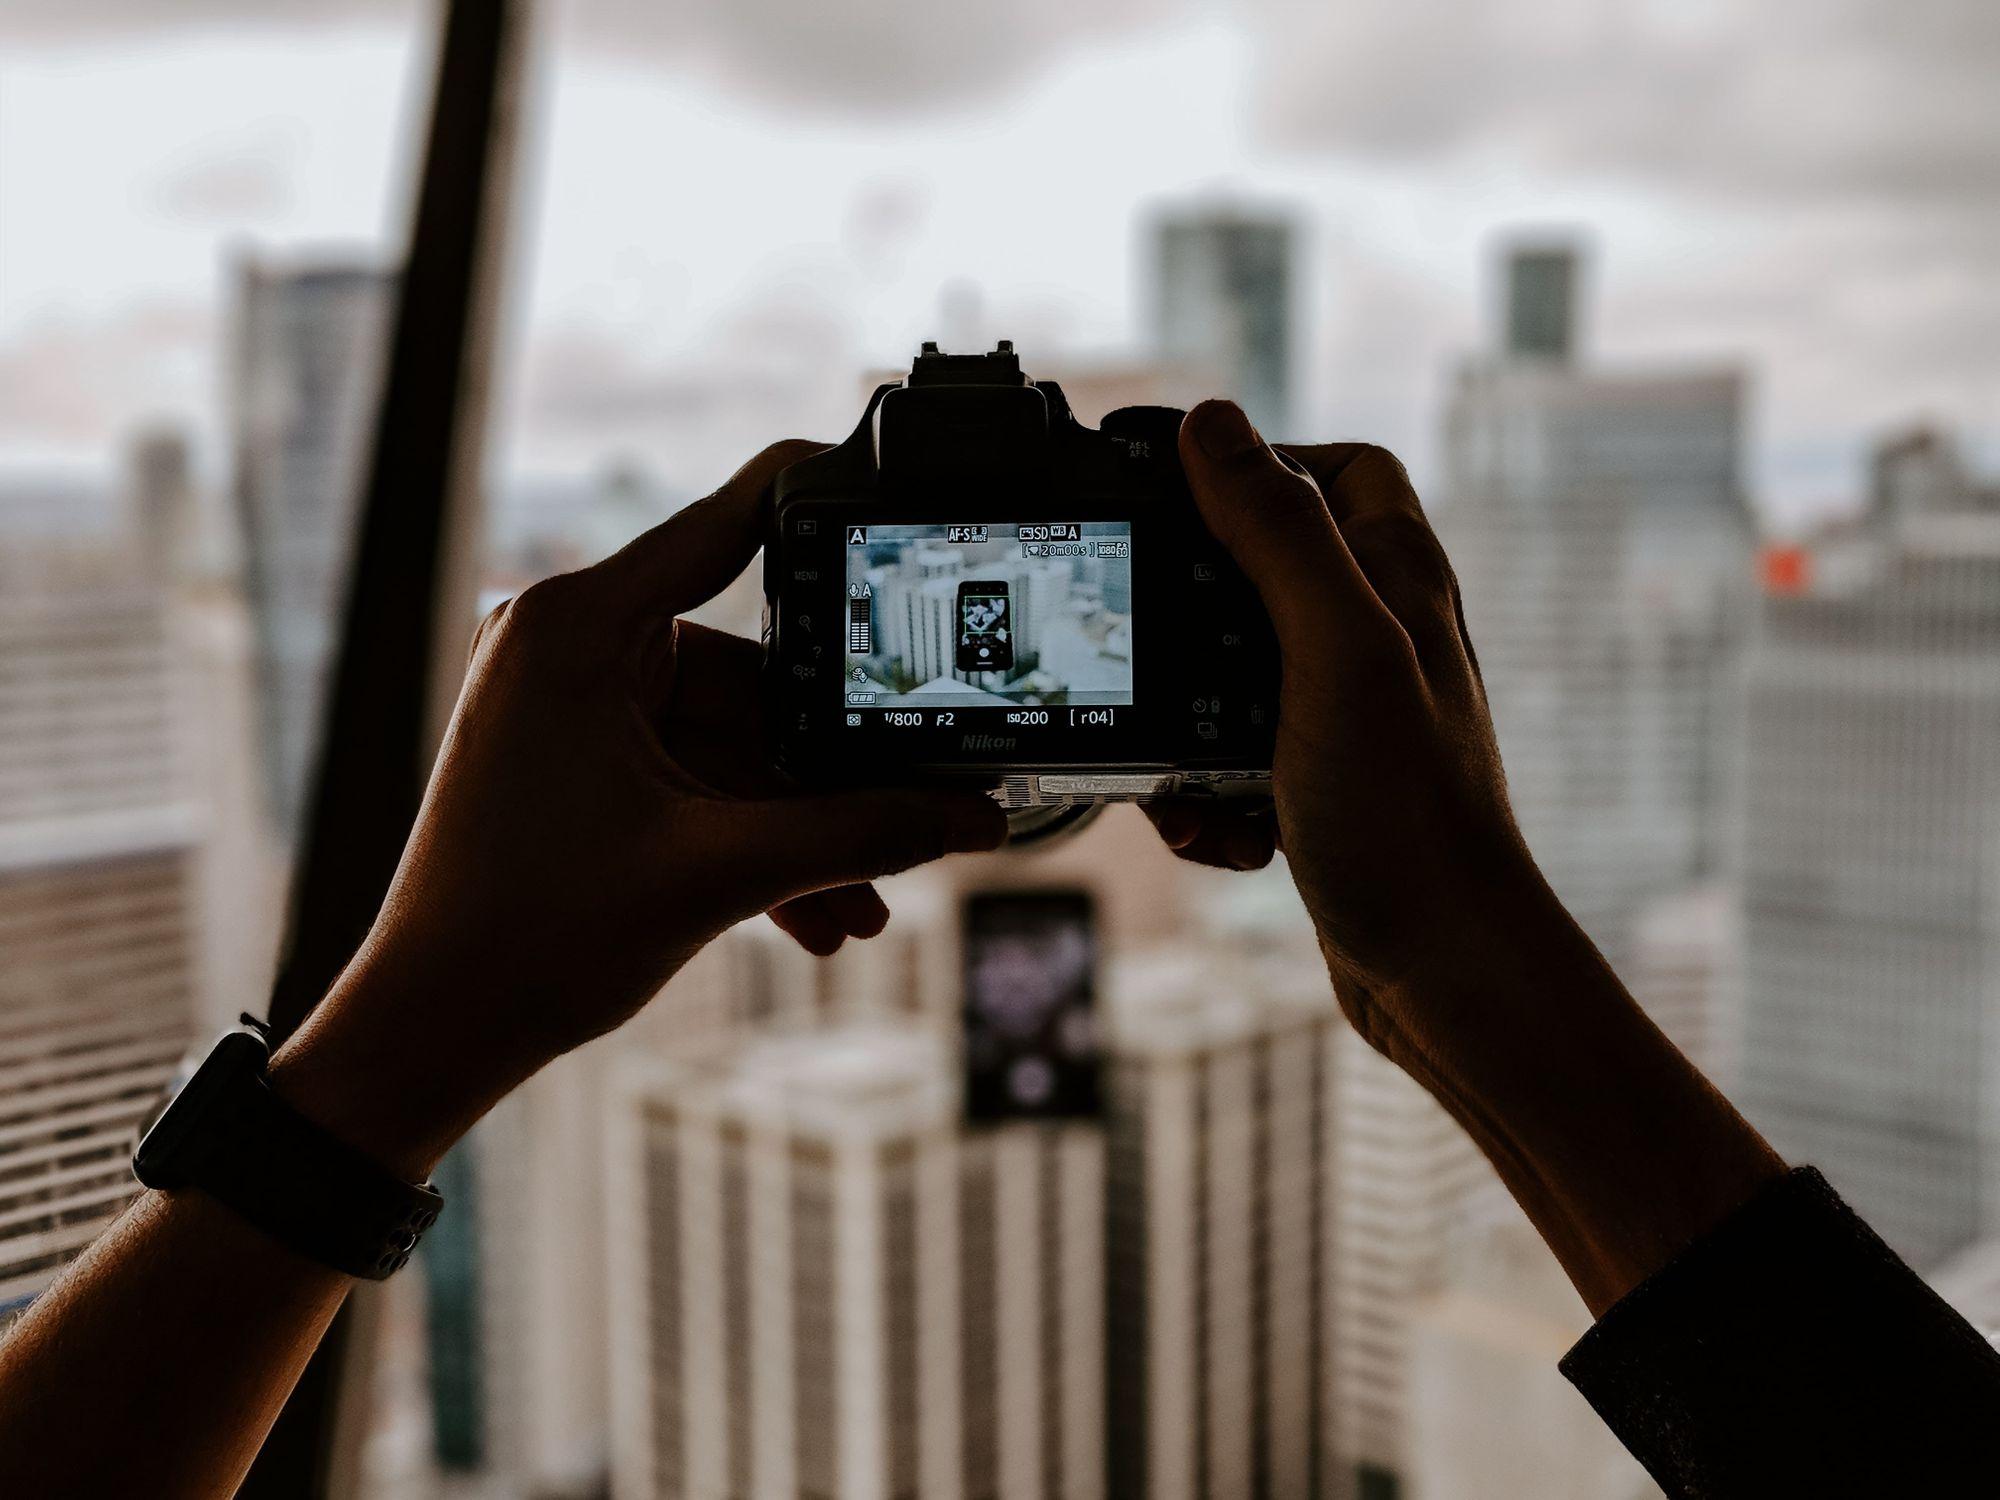 Shot size & shot composition as part of cinematography techniques